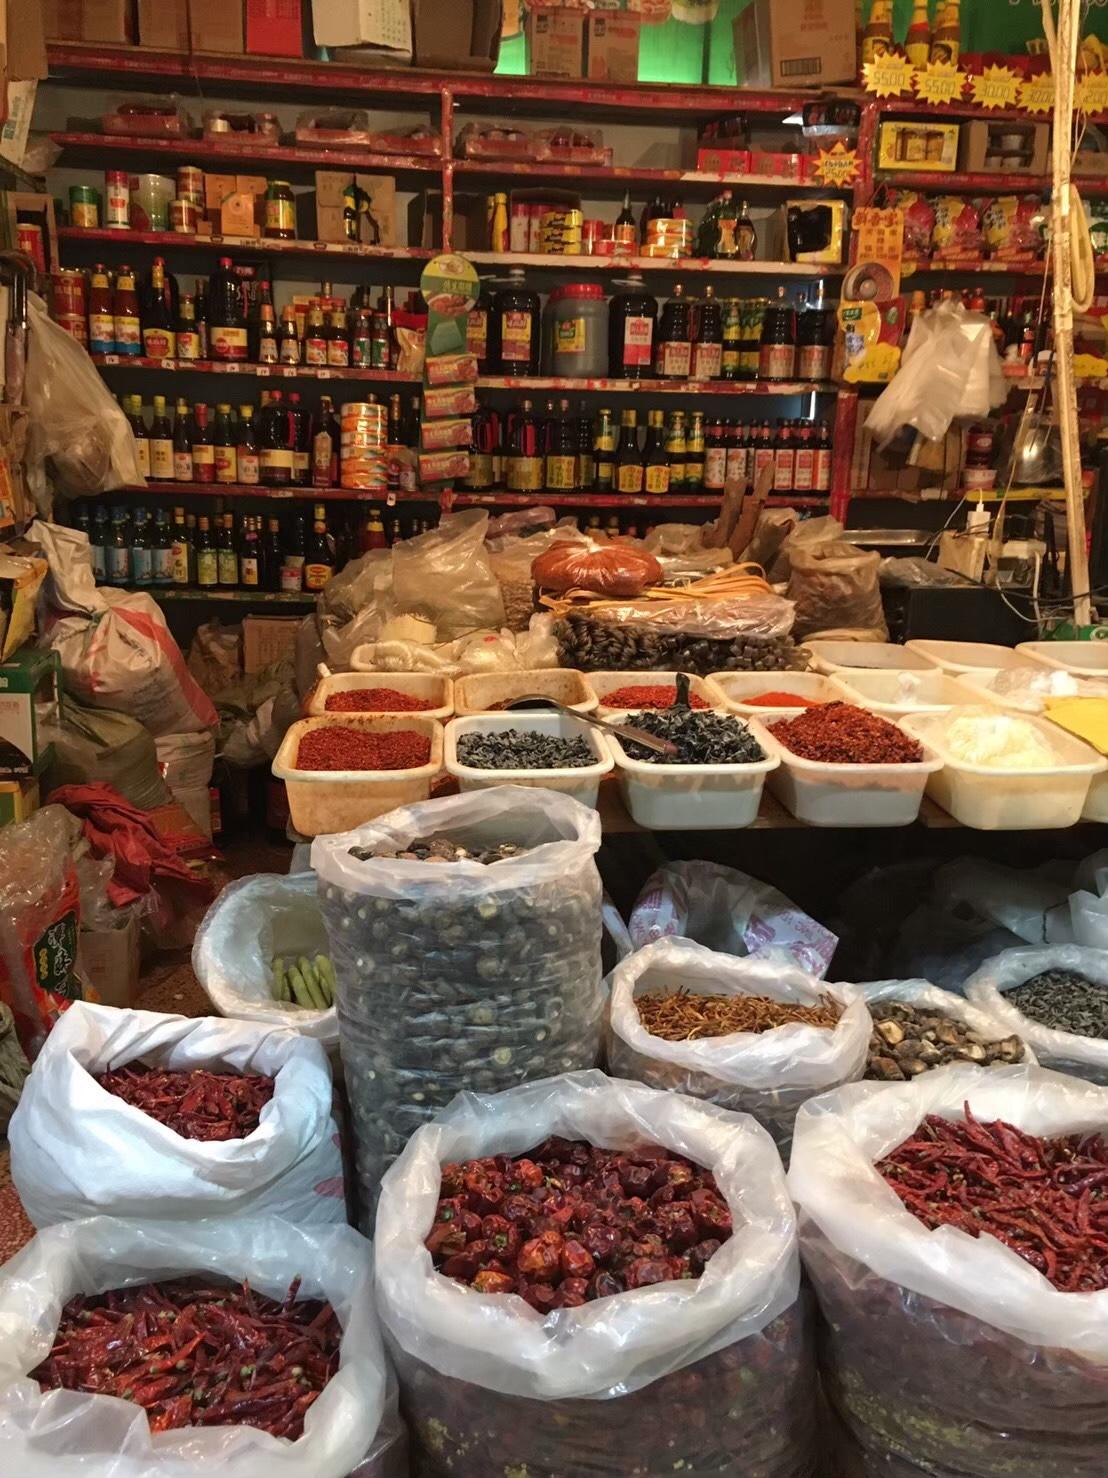 中国 重慶 市場 スパイス店